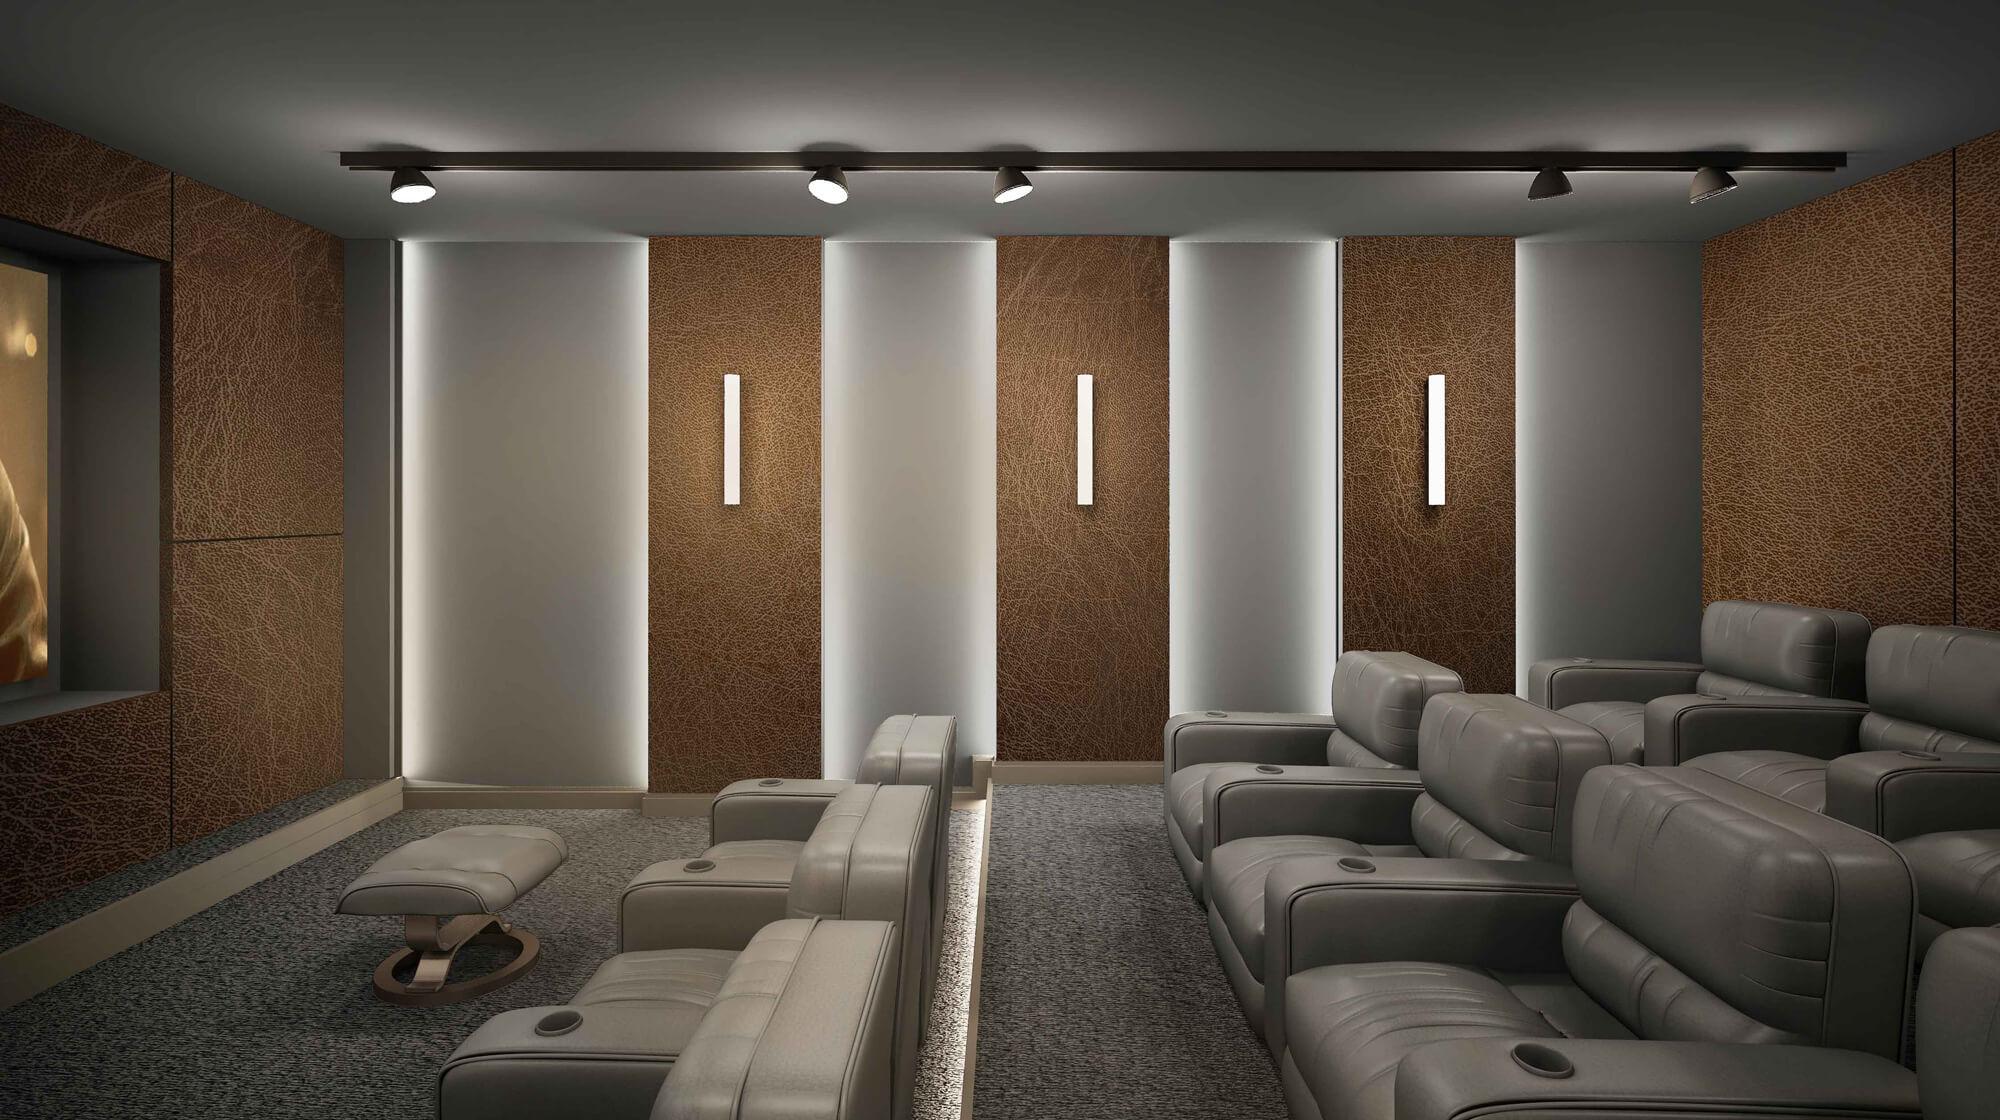 انواع اتاق های سینما خانگی